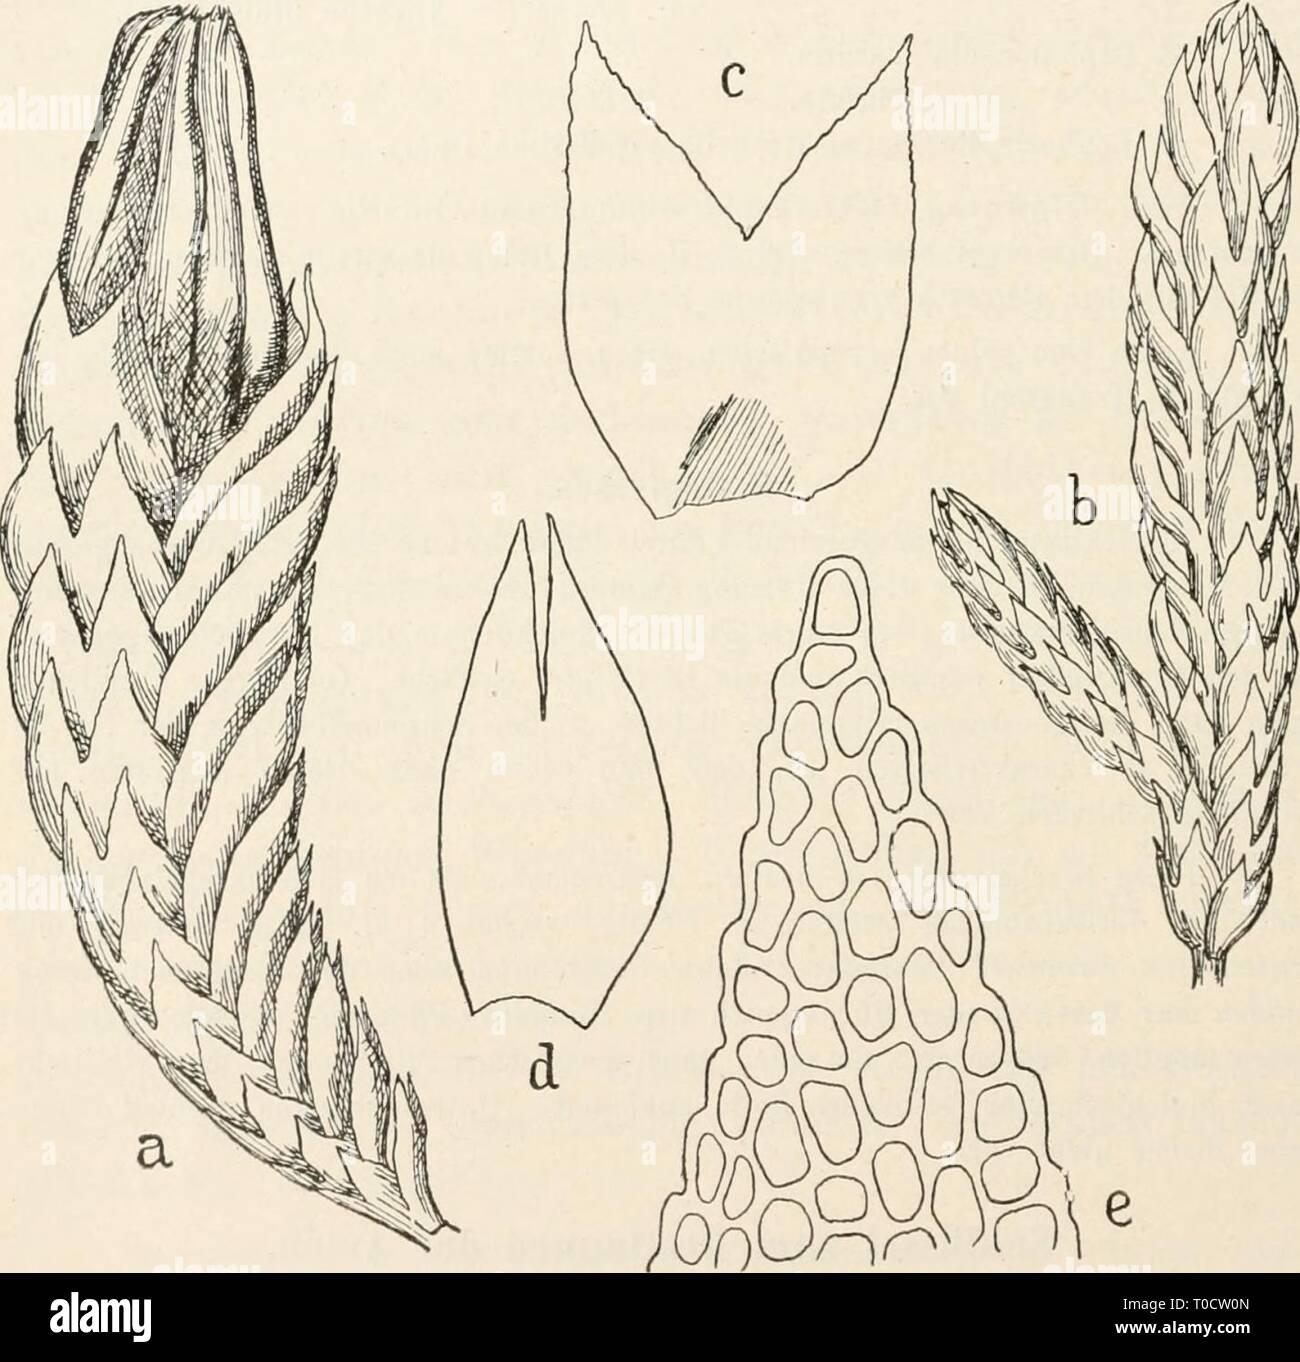 Dr L Rabenhorst's Kryptogamen-Flora von Dr. L. Rabenhorst's Kryptogamen-Flora von Deutschland, Oesterreich und der Schweiz drlrabenhorstskr0602rabe Year: 1912  316 Anthelia. 227. Anthelia julacea^) (L.) Dumortier, Rec. d'observ. Ö. 18 (1835j. Synonyme: Jungermannia julacea Liiine, Spec. plant. S. 1135 (1753) z. T. Lightfoot, Fl. Scotica S. 785 (1777). Exsikkaten: Gotische u. Rabenhorst, Hep. europ. exs. Nr. 518, 524. Carriugton u. Pearson, Hep. Brit. exs. Nr. 35. Lilienfeldowna, Hep. Polon. exs. Nr. 37! Zwei hau sig. Mesophyt. In ausgedehnten, blaugriinen, dichten, polsterförmigen Rasen von 1  - Stock Image